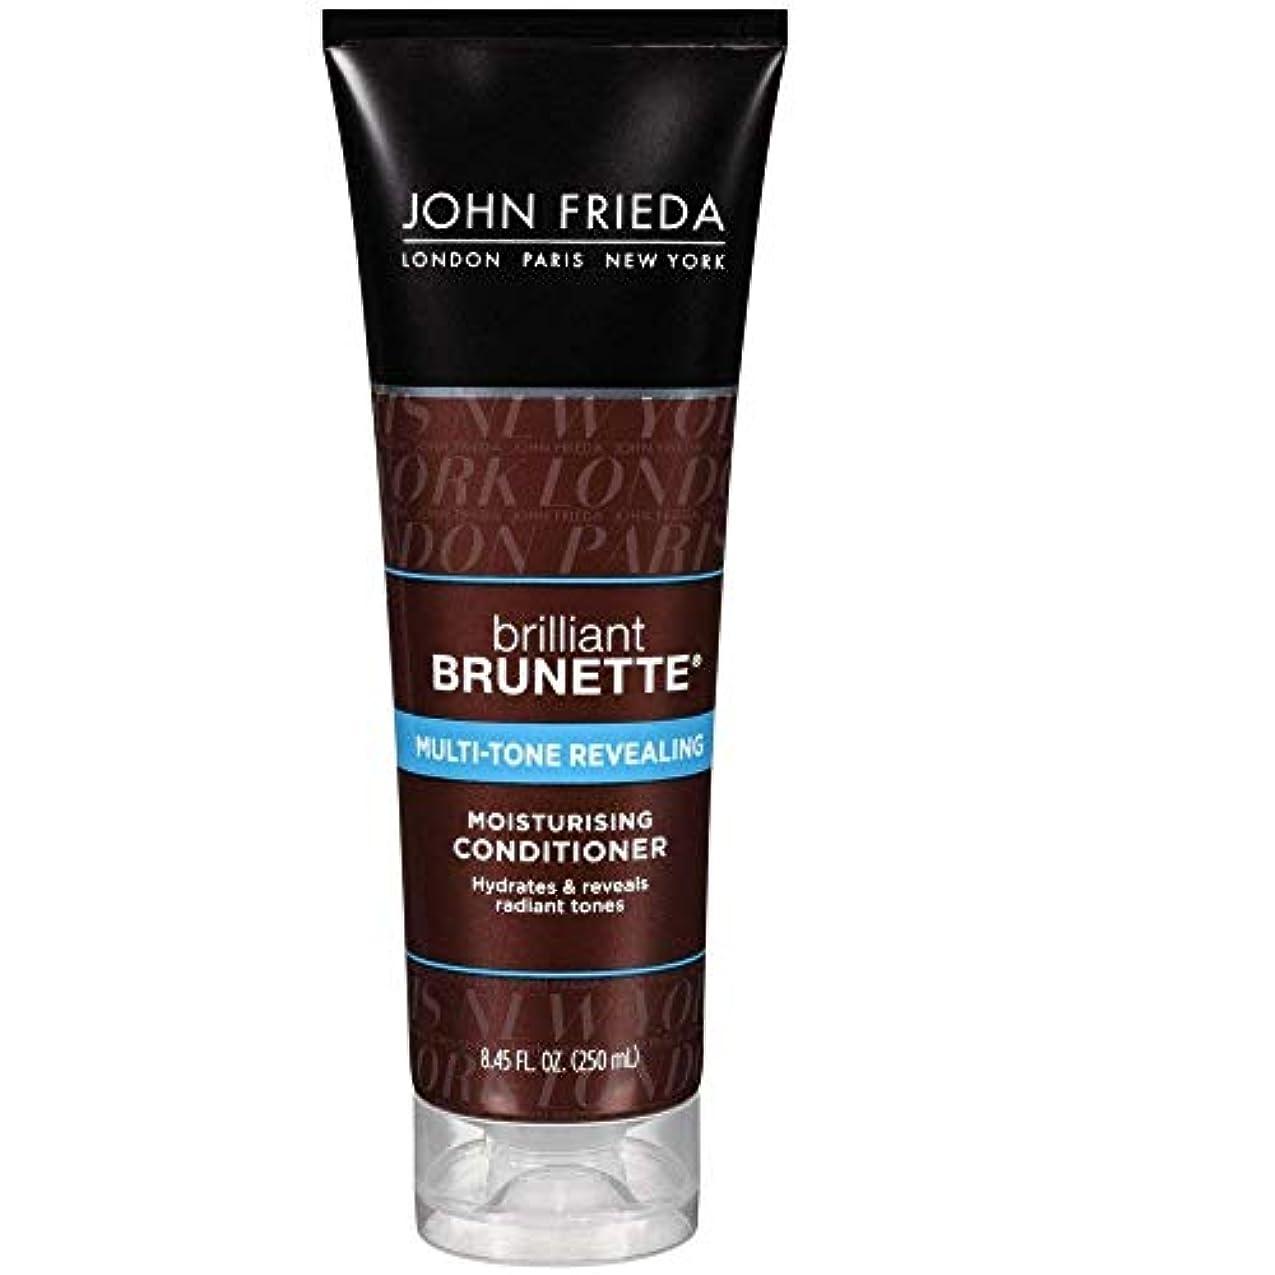 ありがたい永遠に赤面John Frieda ブリリアントブルネットマルチトーン明かすモイスチャライジングコンディショナー8.45オズ(7パック) 7のパック